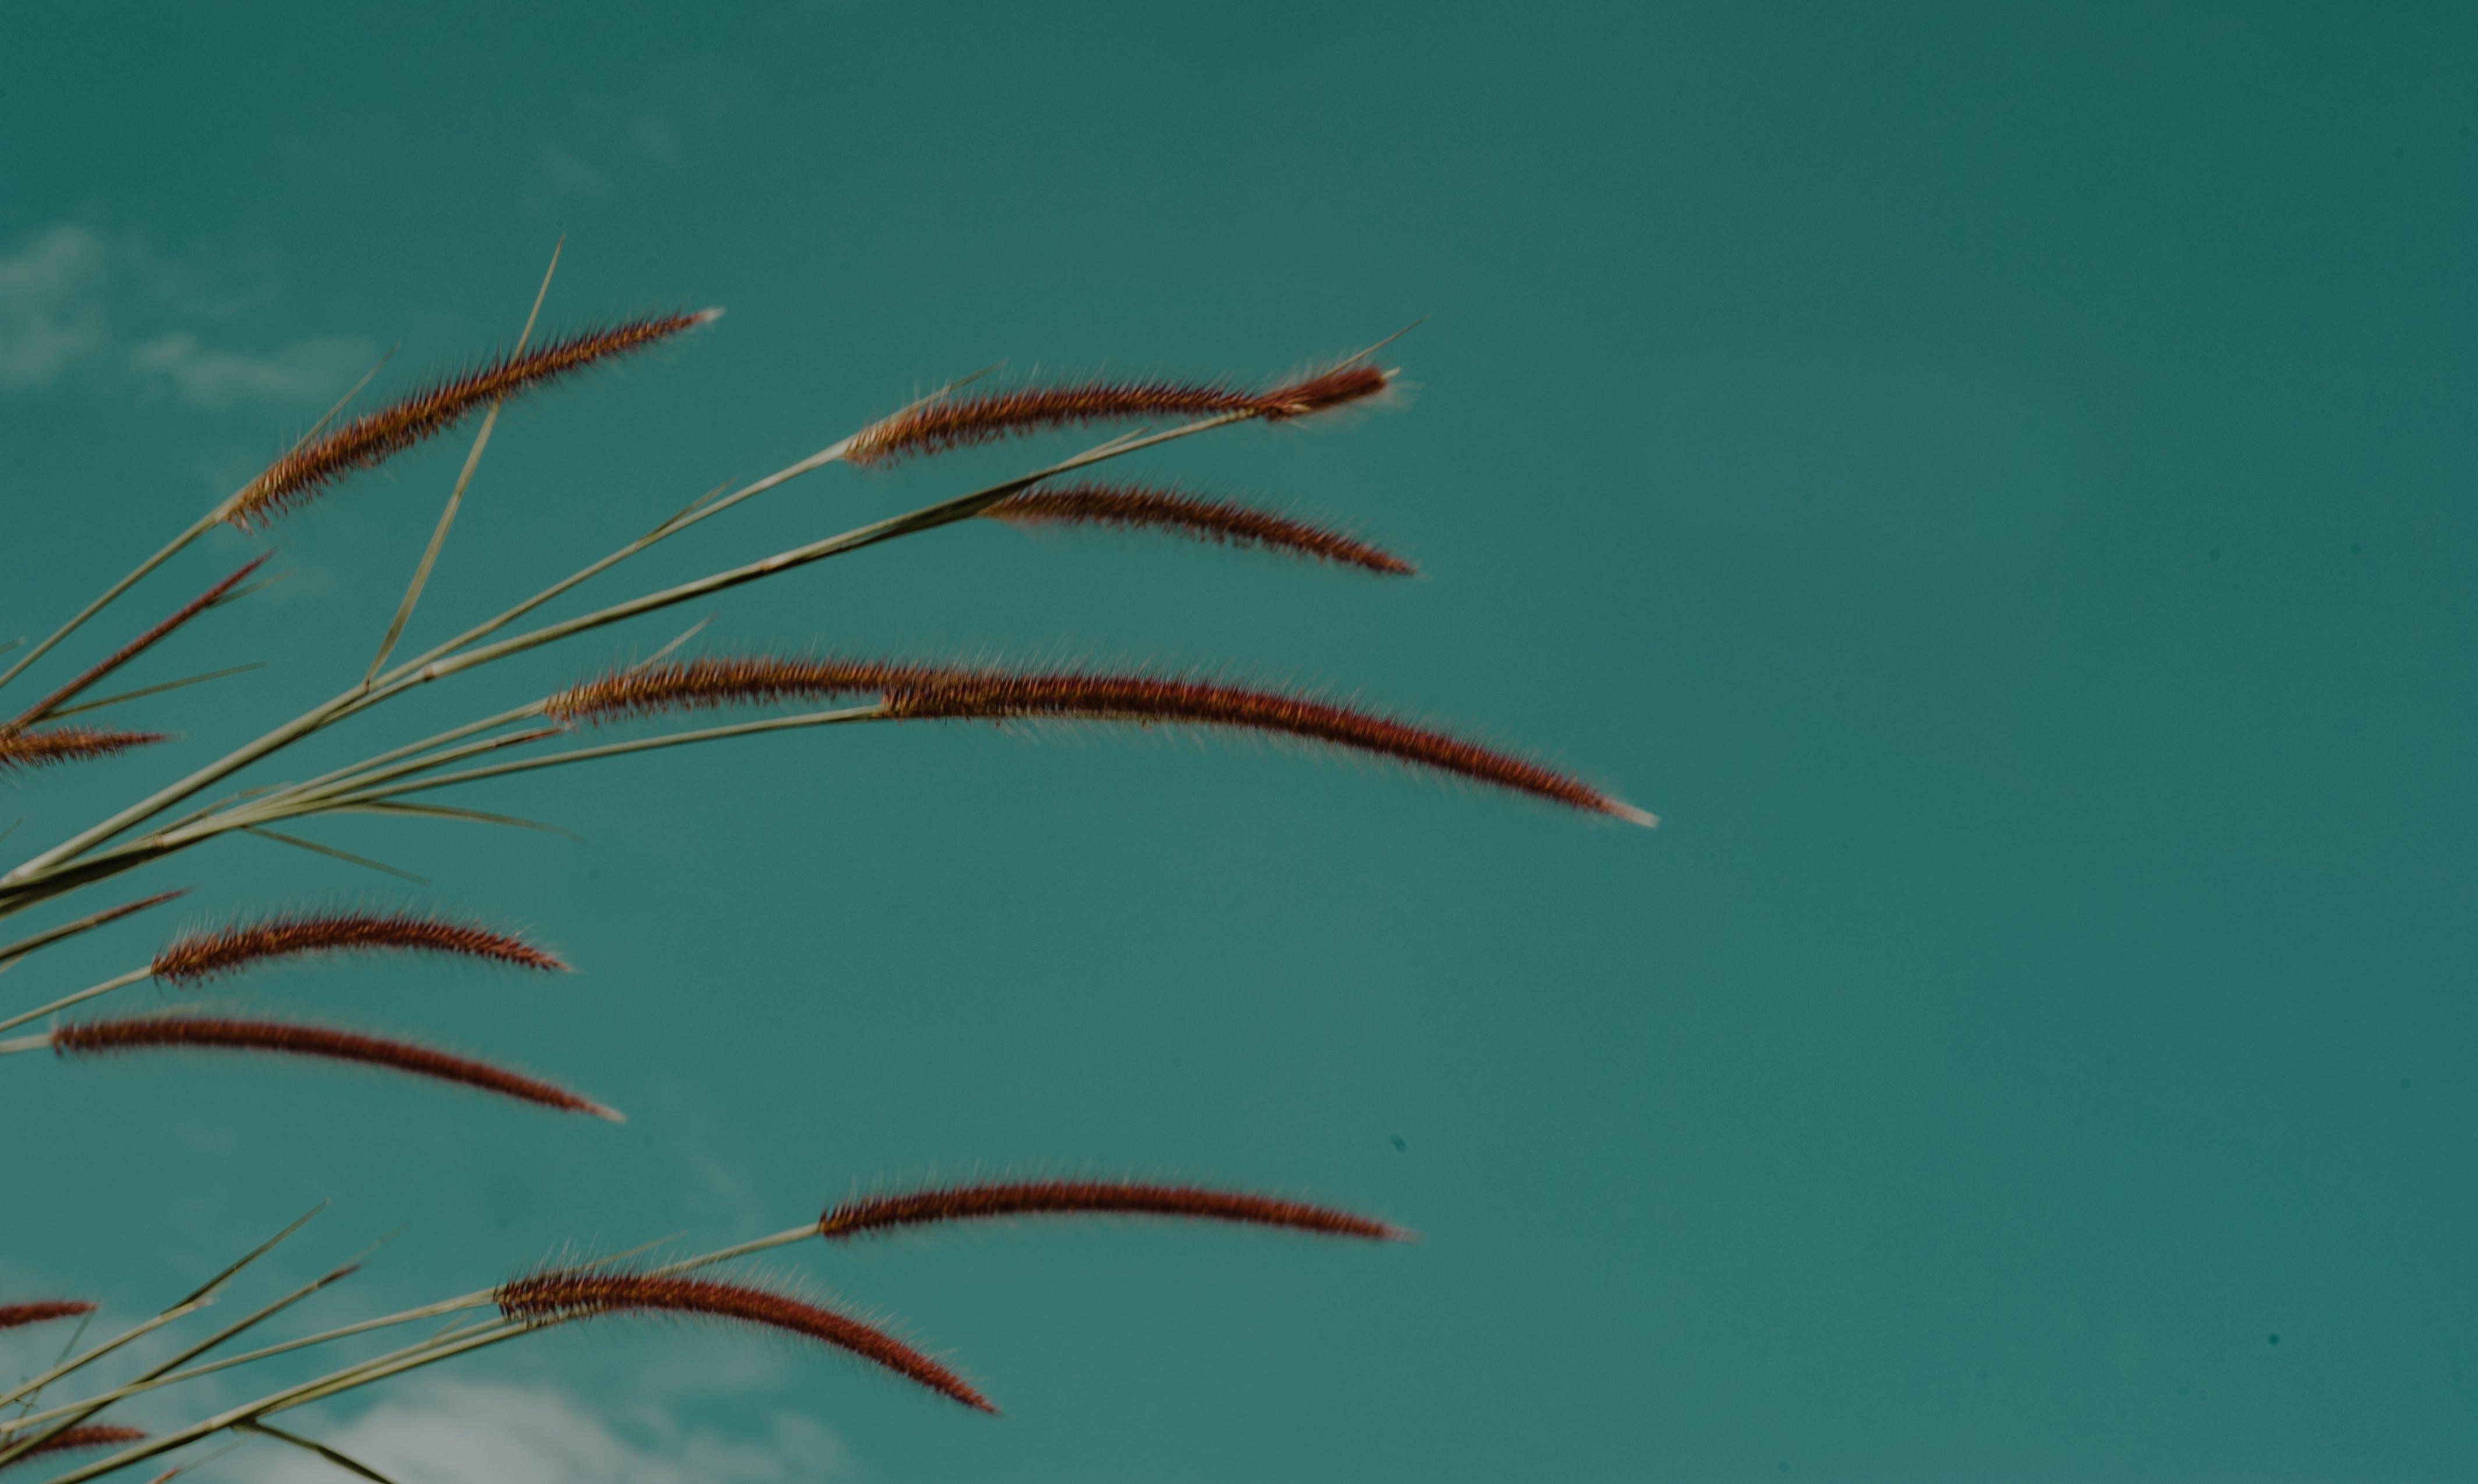 Green Grass Focus Photo